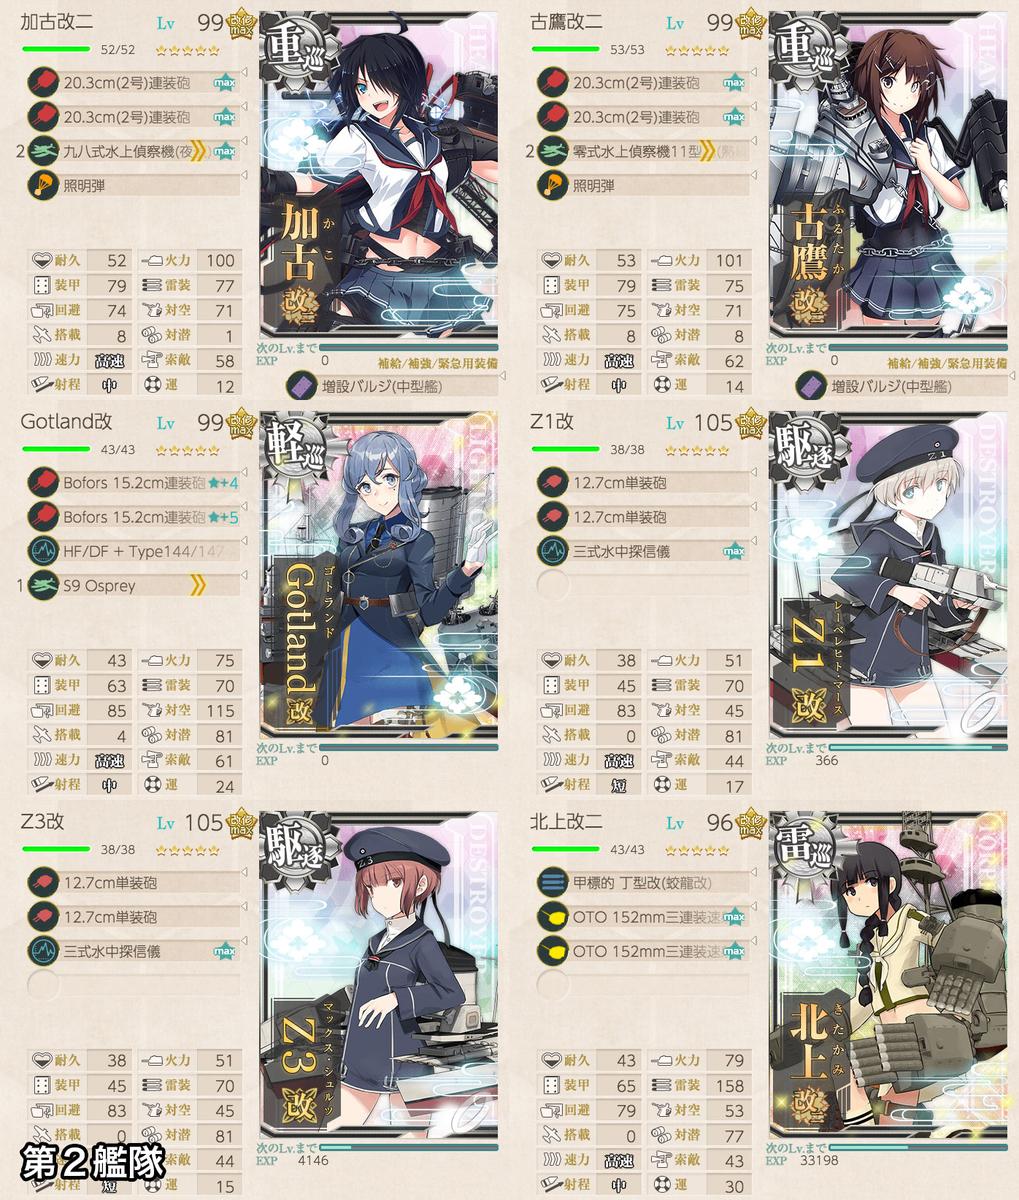 f:id:nameless_admiral:20210101151915j:plain